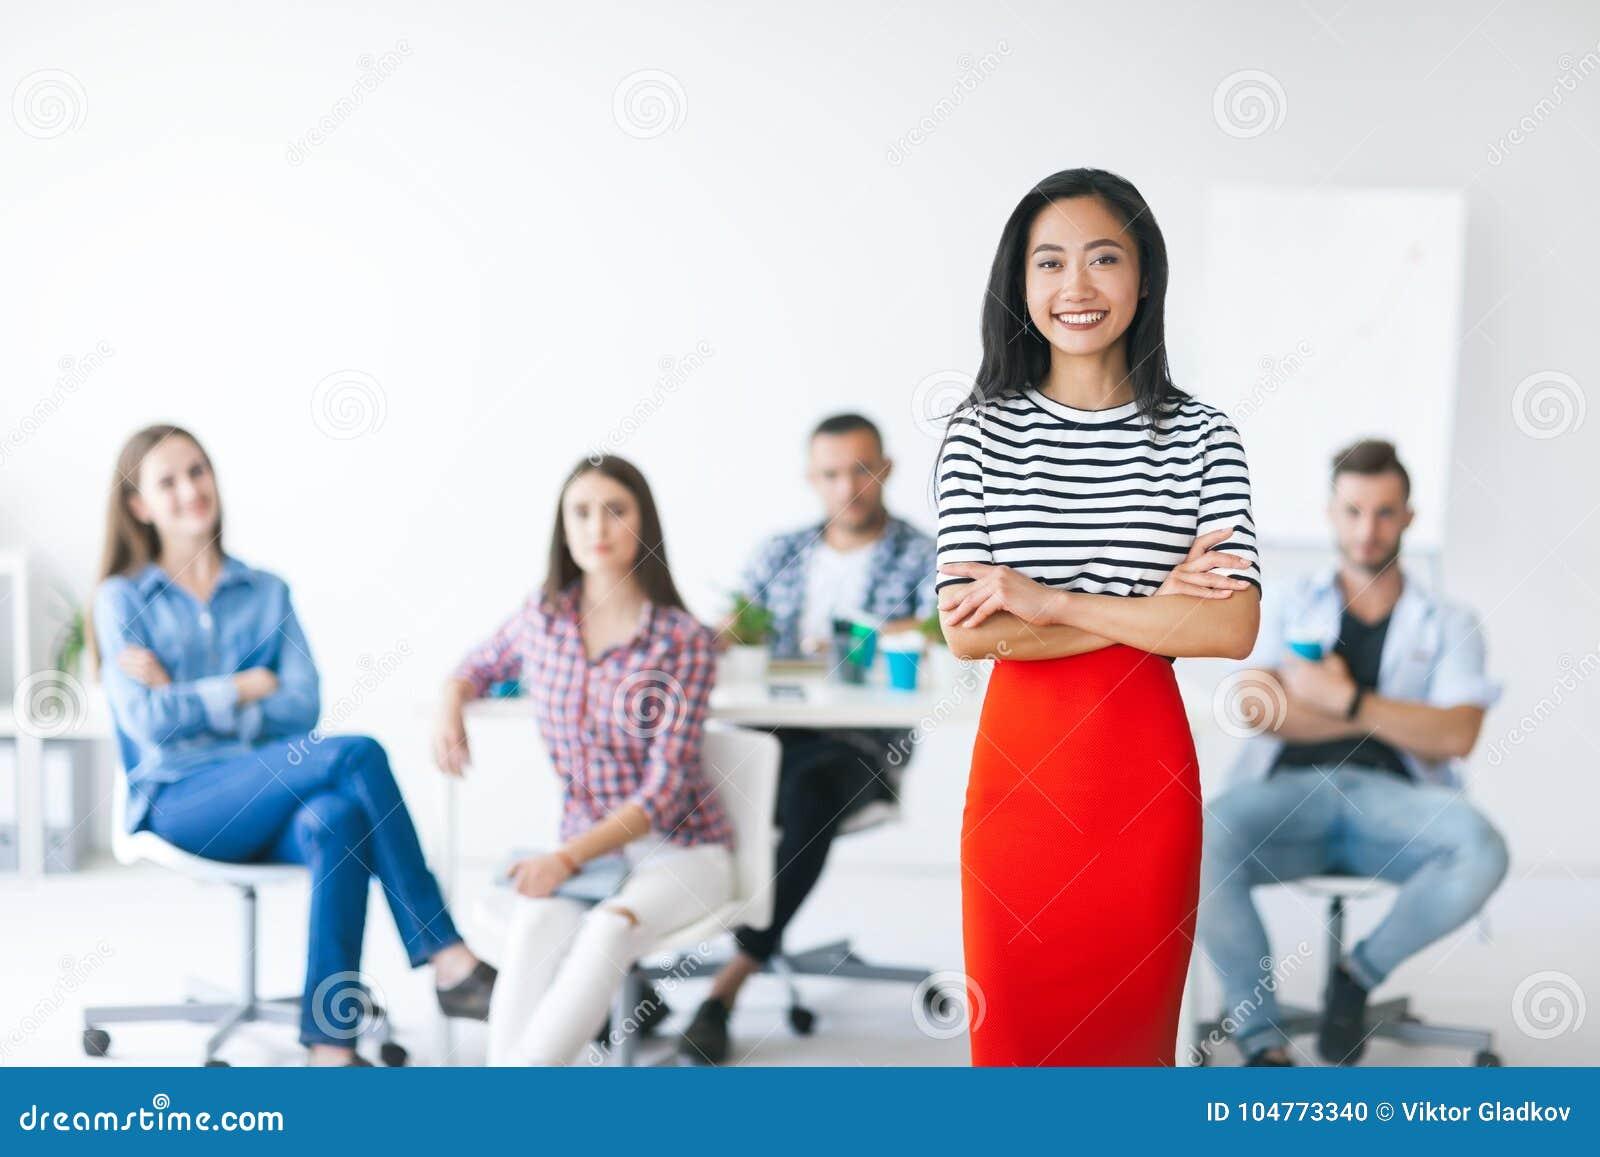 Βέβαιος ασιατικός επιχειρησιακός ηγέτης με την ομάδα της στο υπόβαθρο